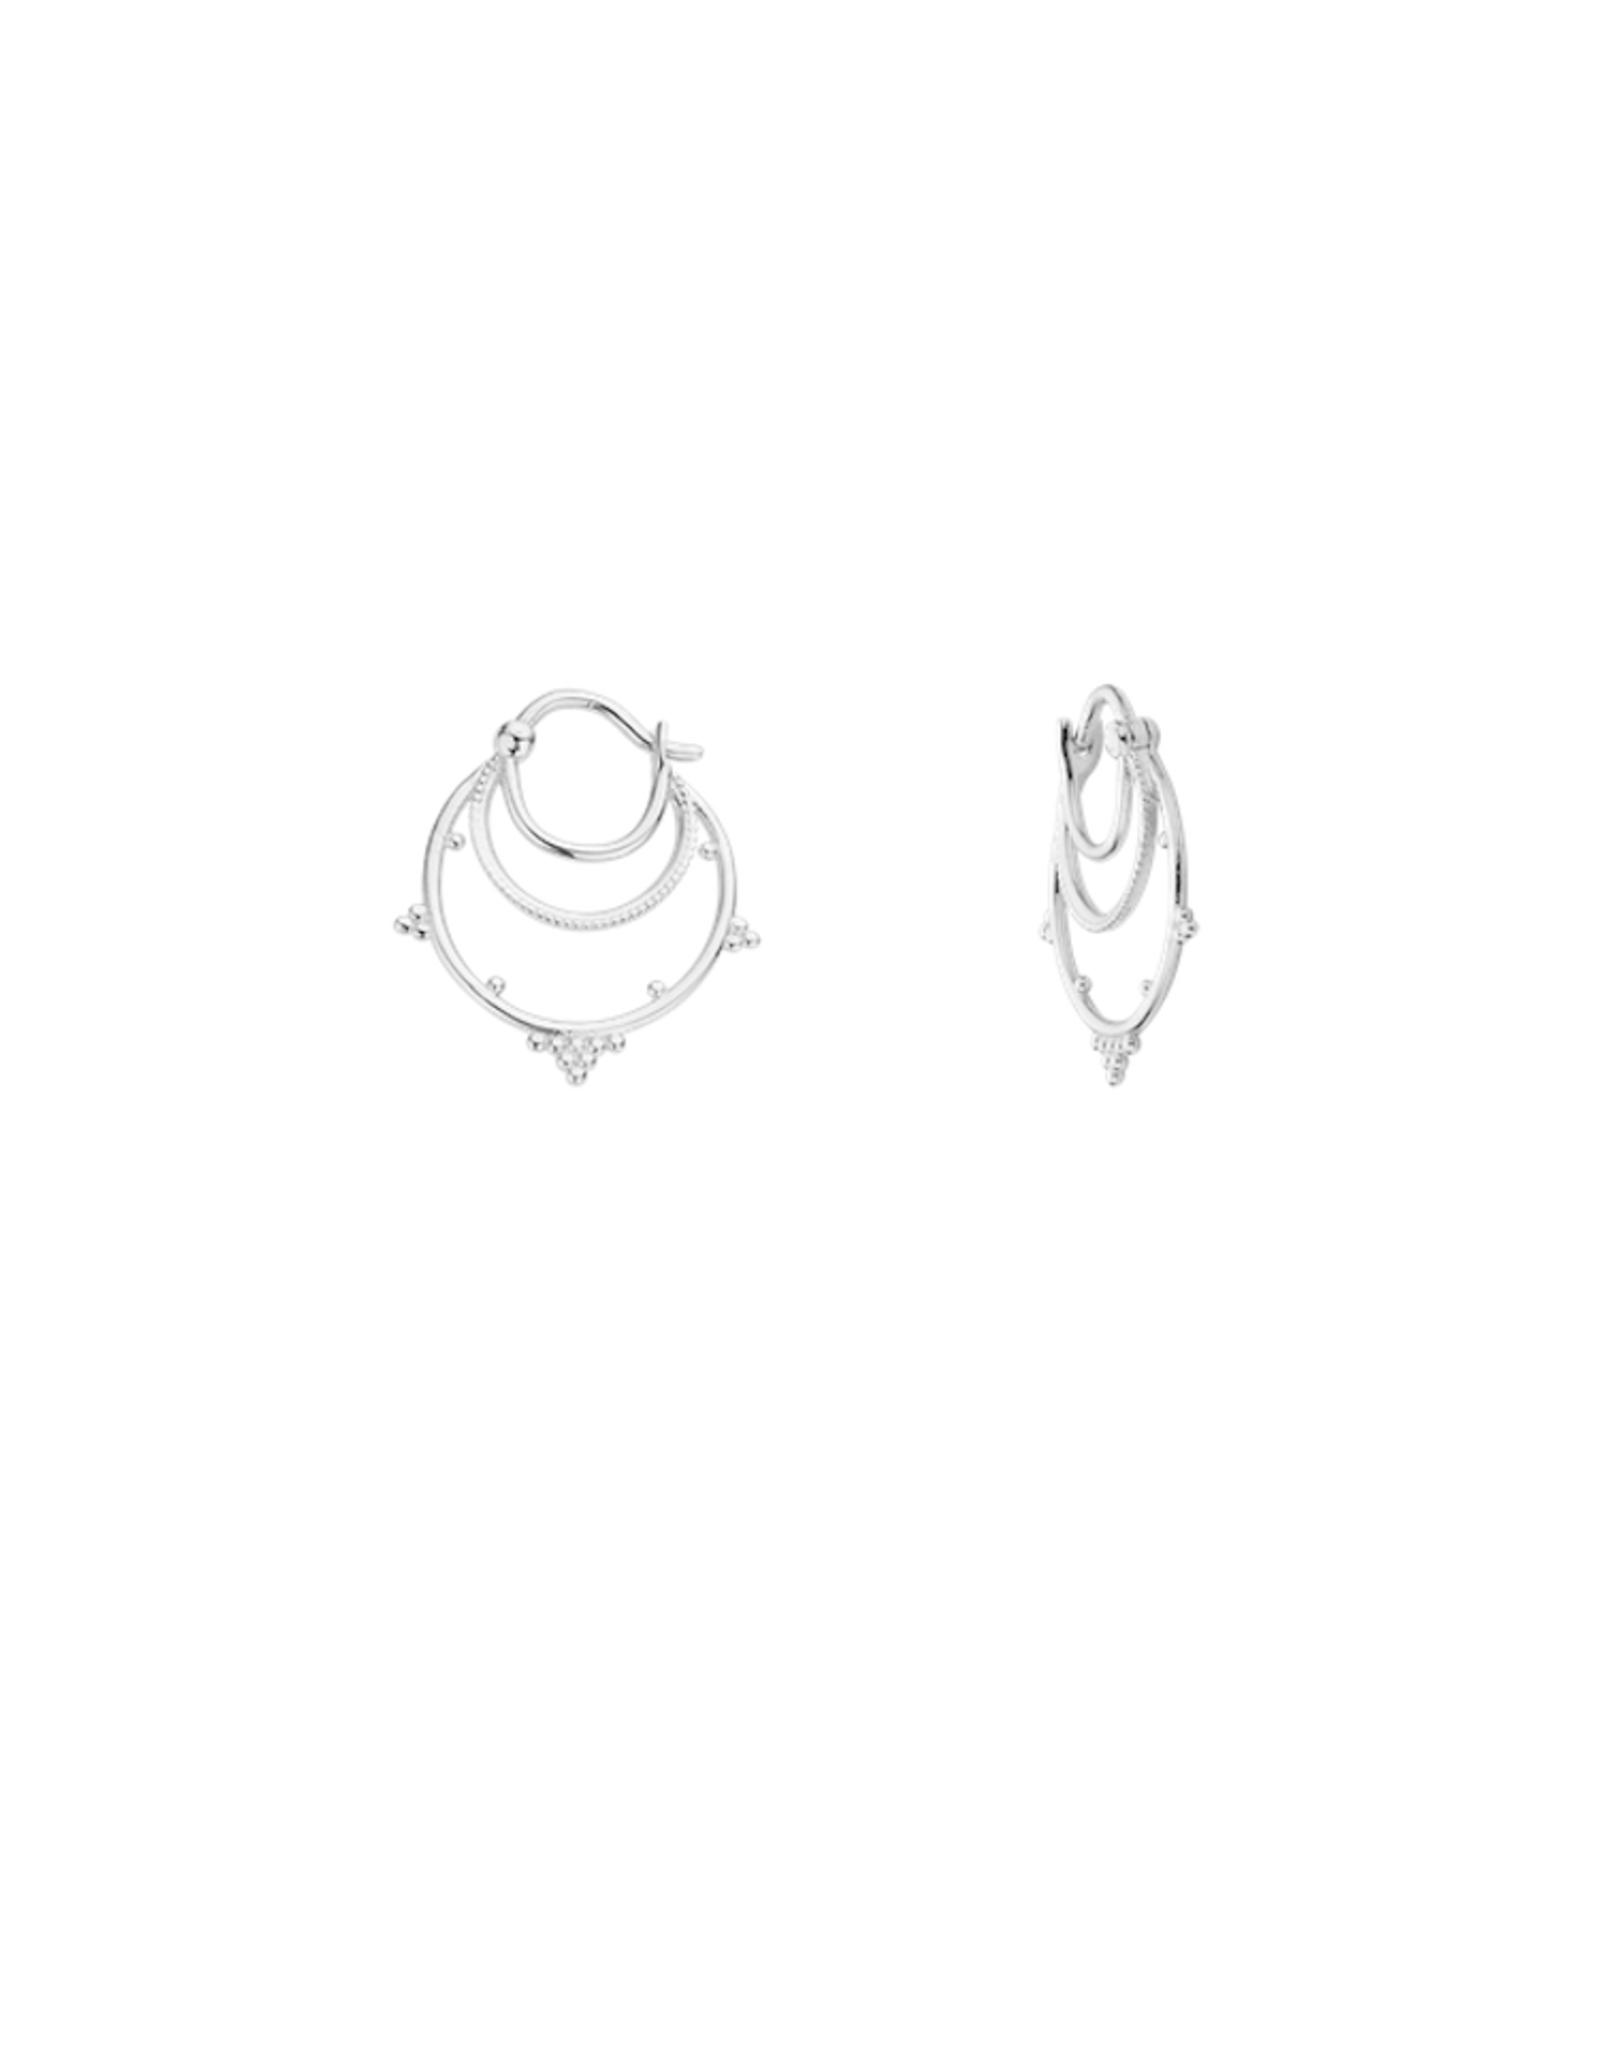 Kolam Earrings Silver